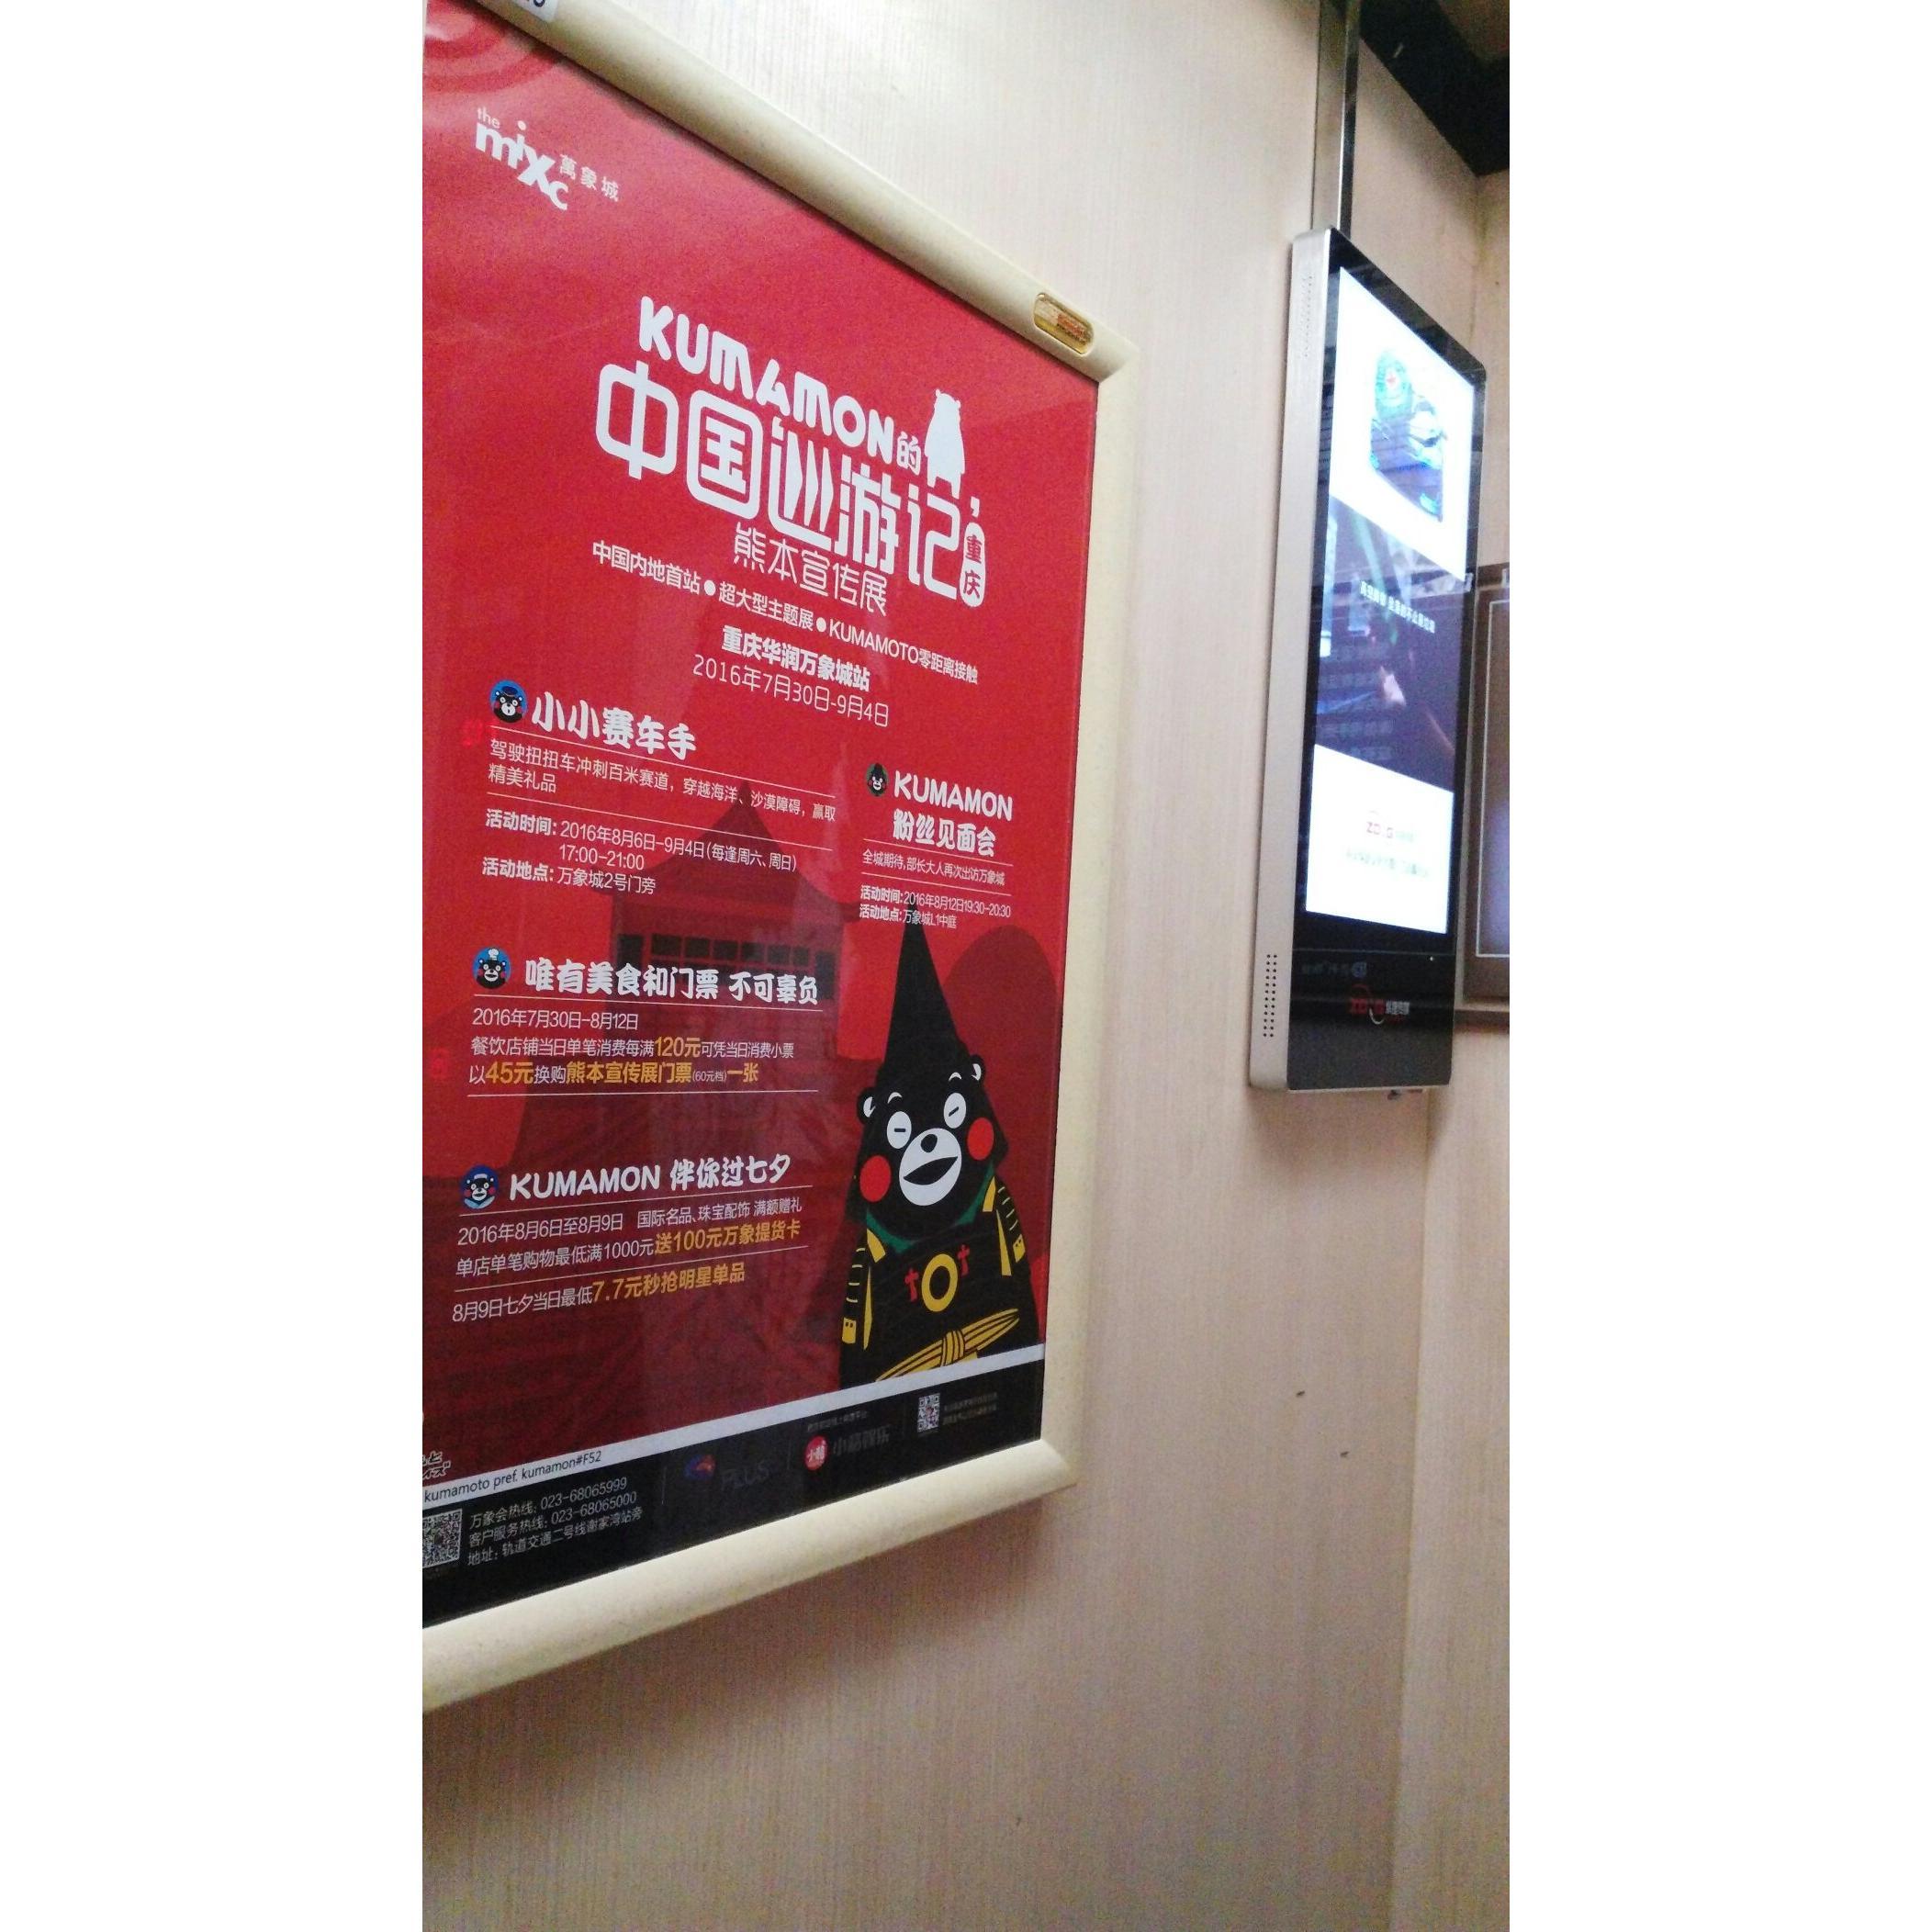 成都楼宇电梯广告投放宣传的传媒服务